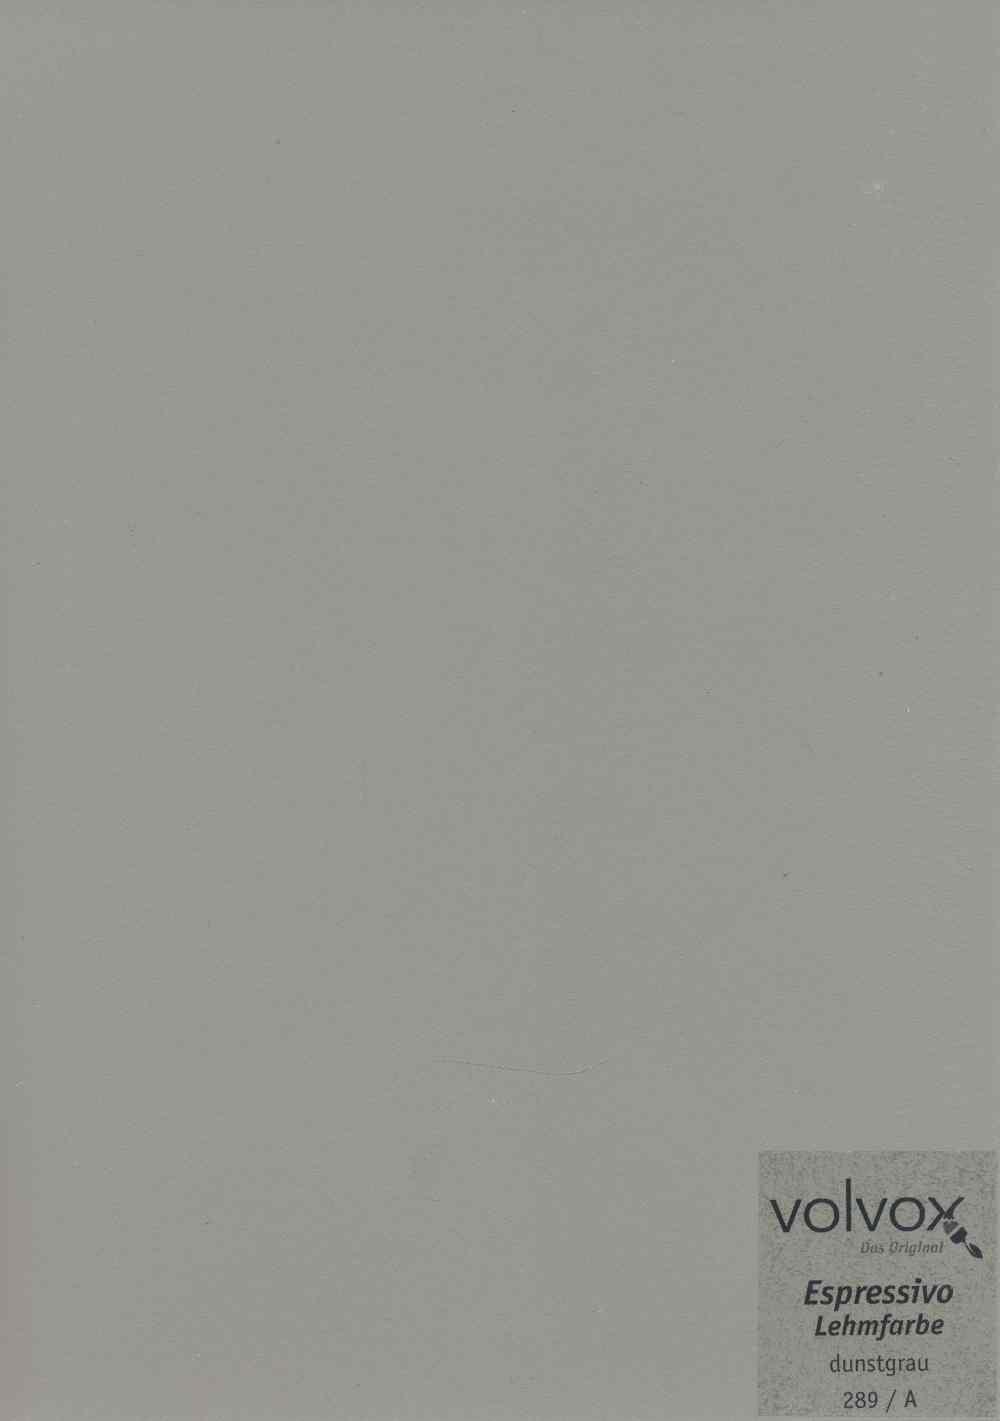 Volvox Espressivo Lehmfarbe 289 dunstgrau